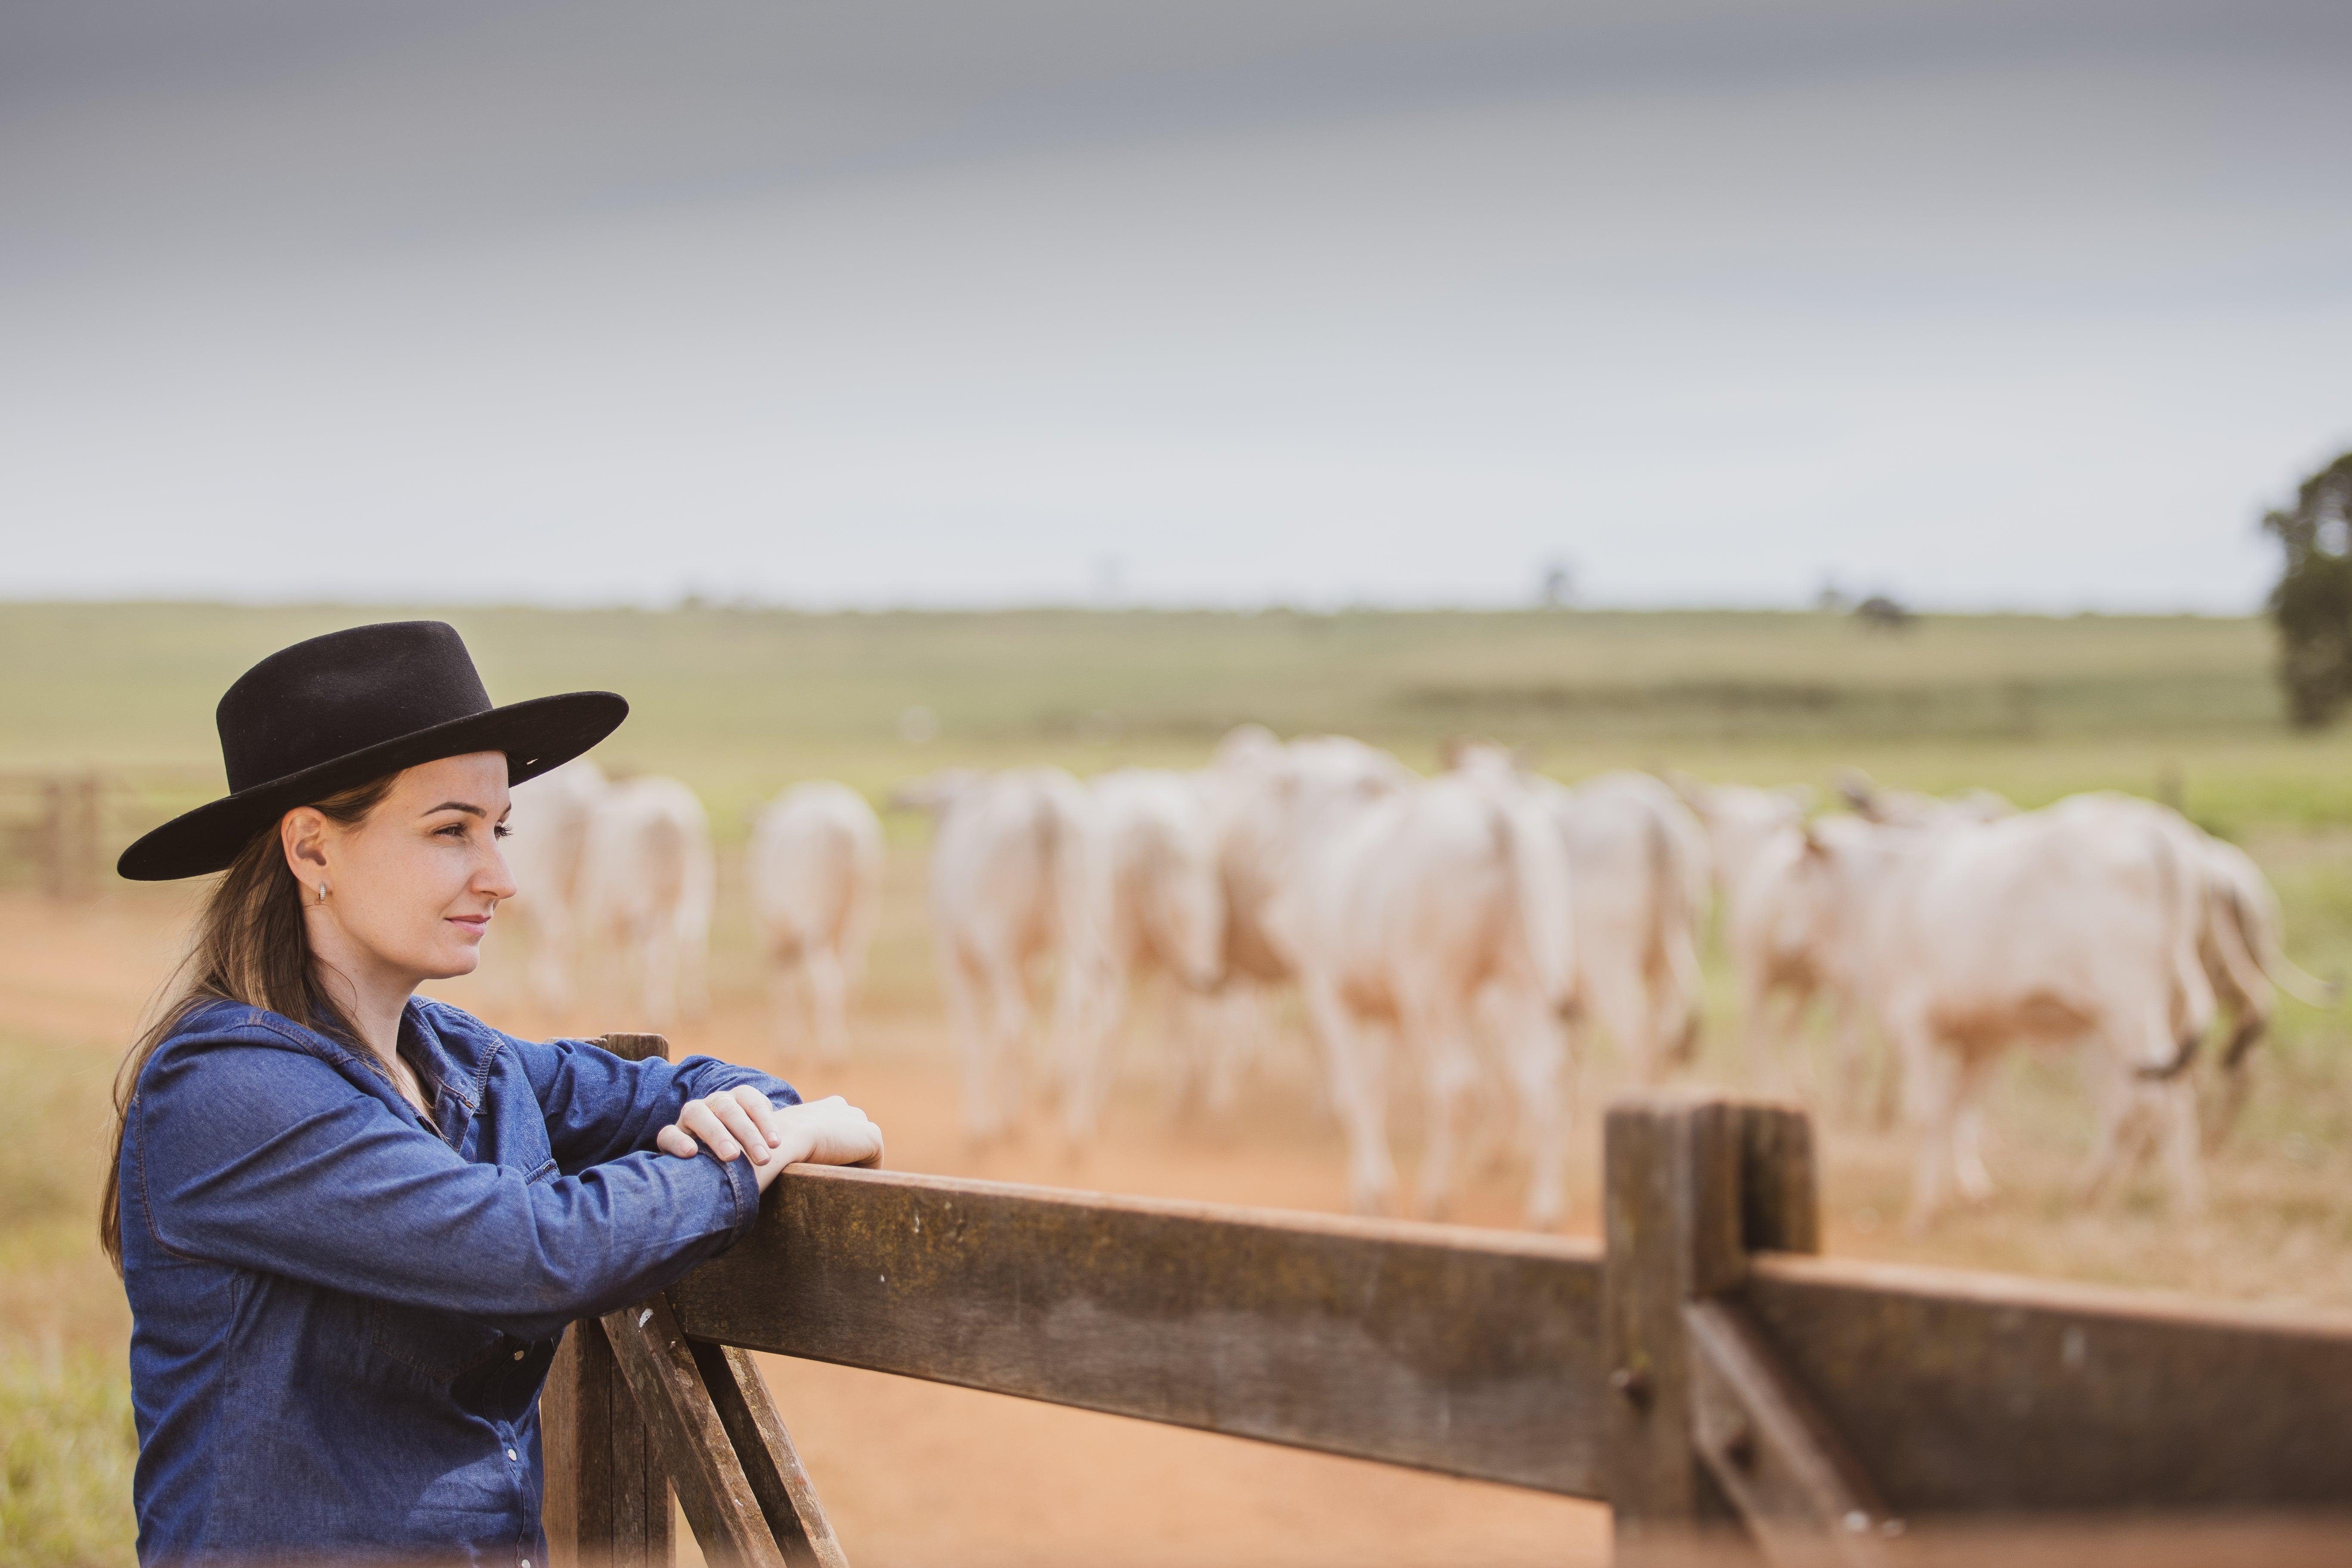 Dra. Carine L. Schneider Faifer olhando o gado no campo.